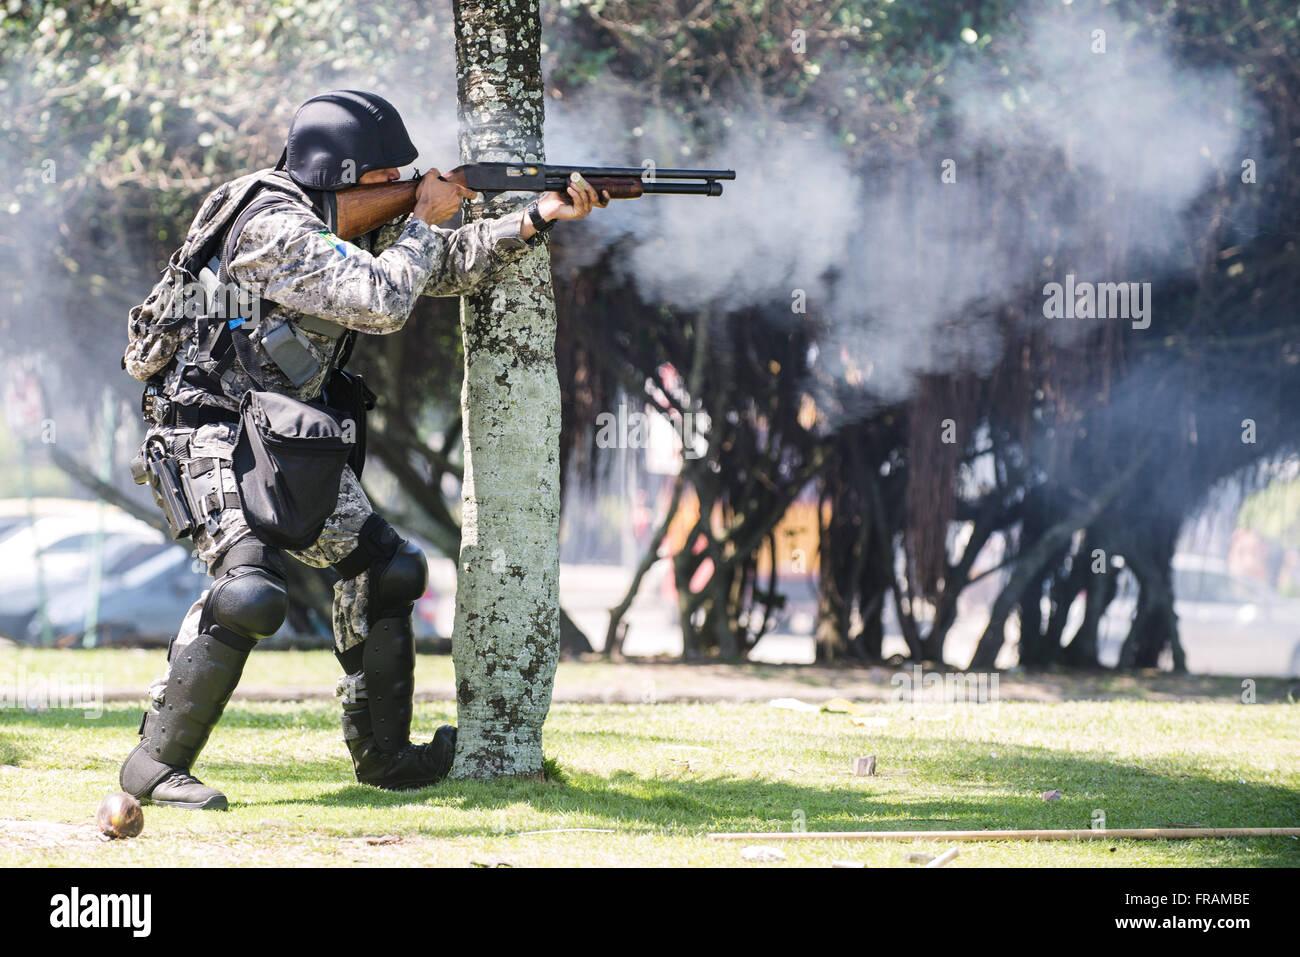 La policía en un enfrentamiento entre manifestantes, el bloque Negro y la força nacional Imagen De Stock